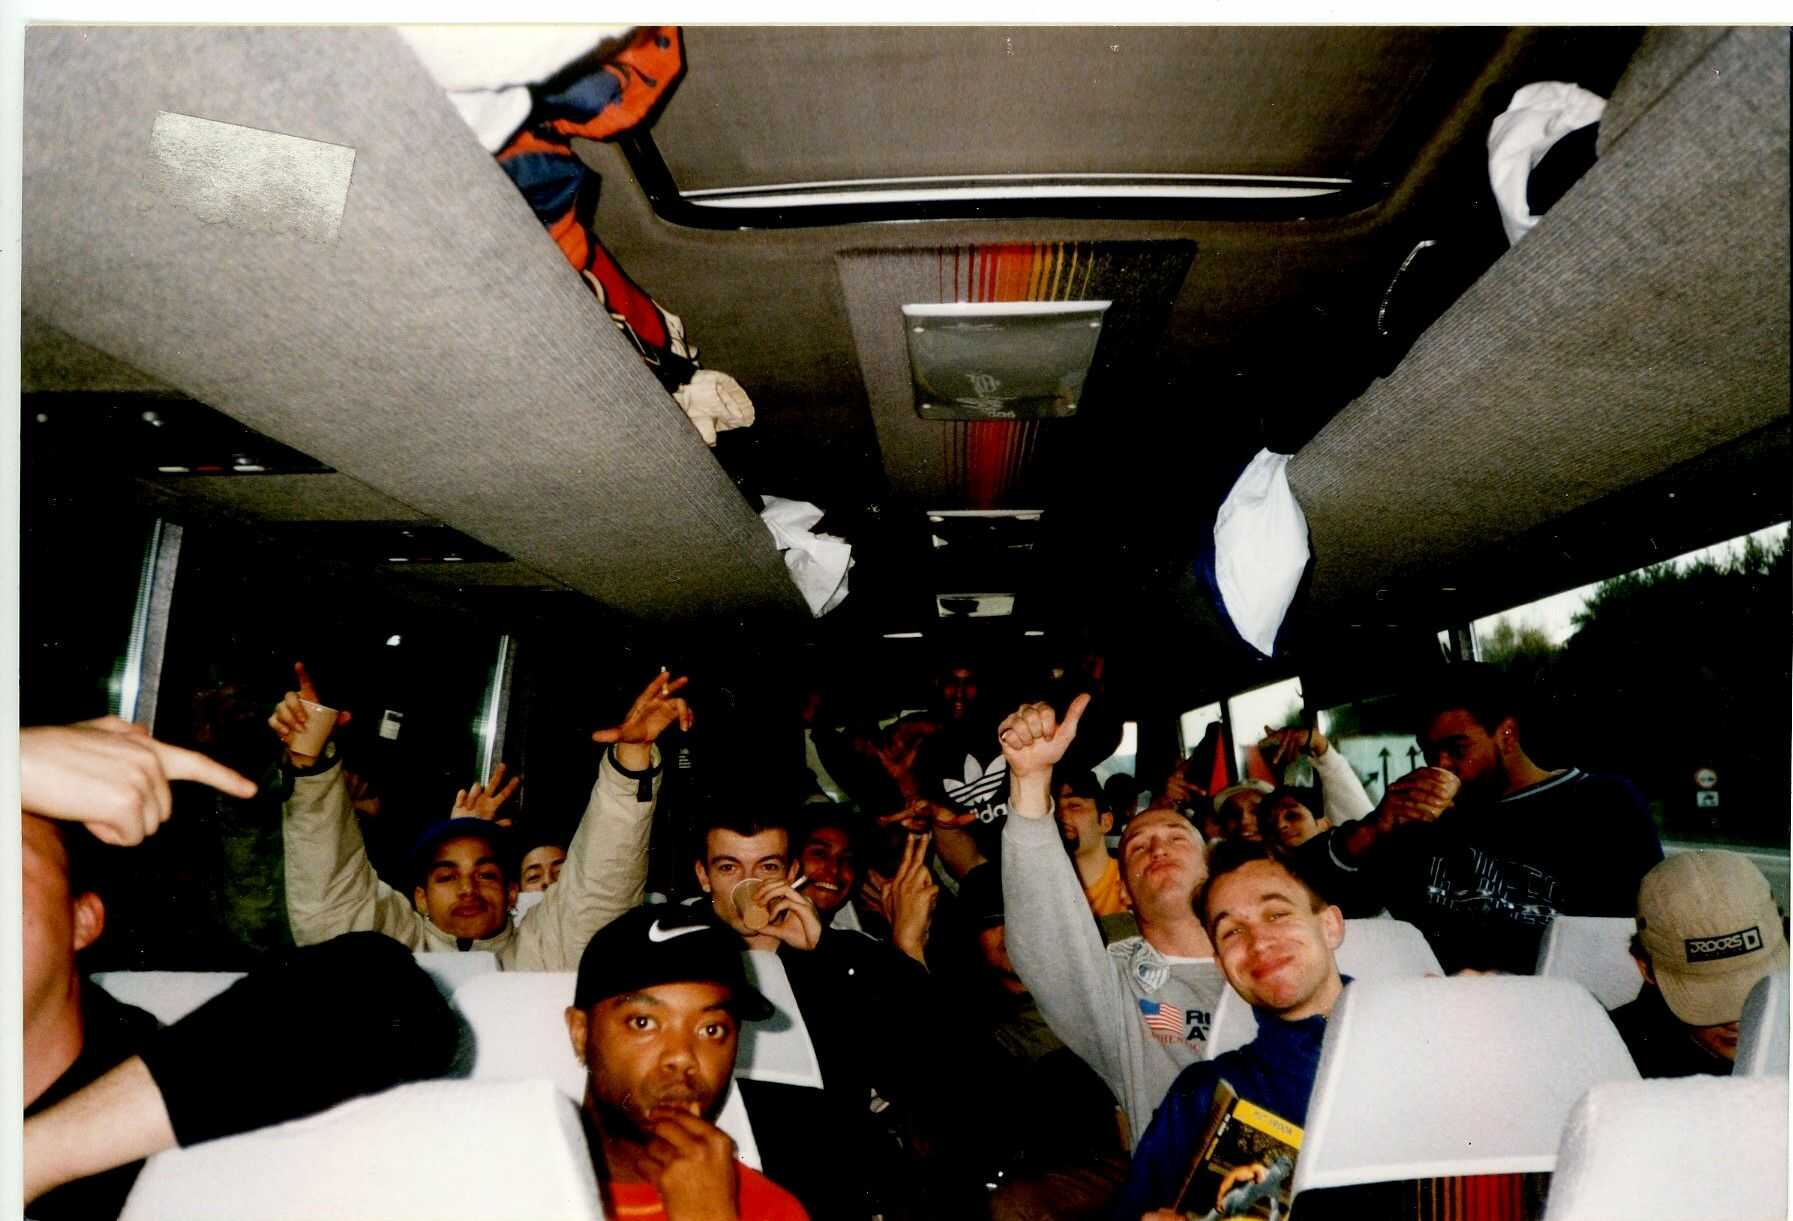 Busreis naar Battle of the Year in Duitsland. Niet alleen Breakers, maar ook DJ's, MC's, Graffitischrijvers.